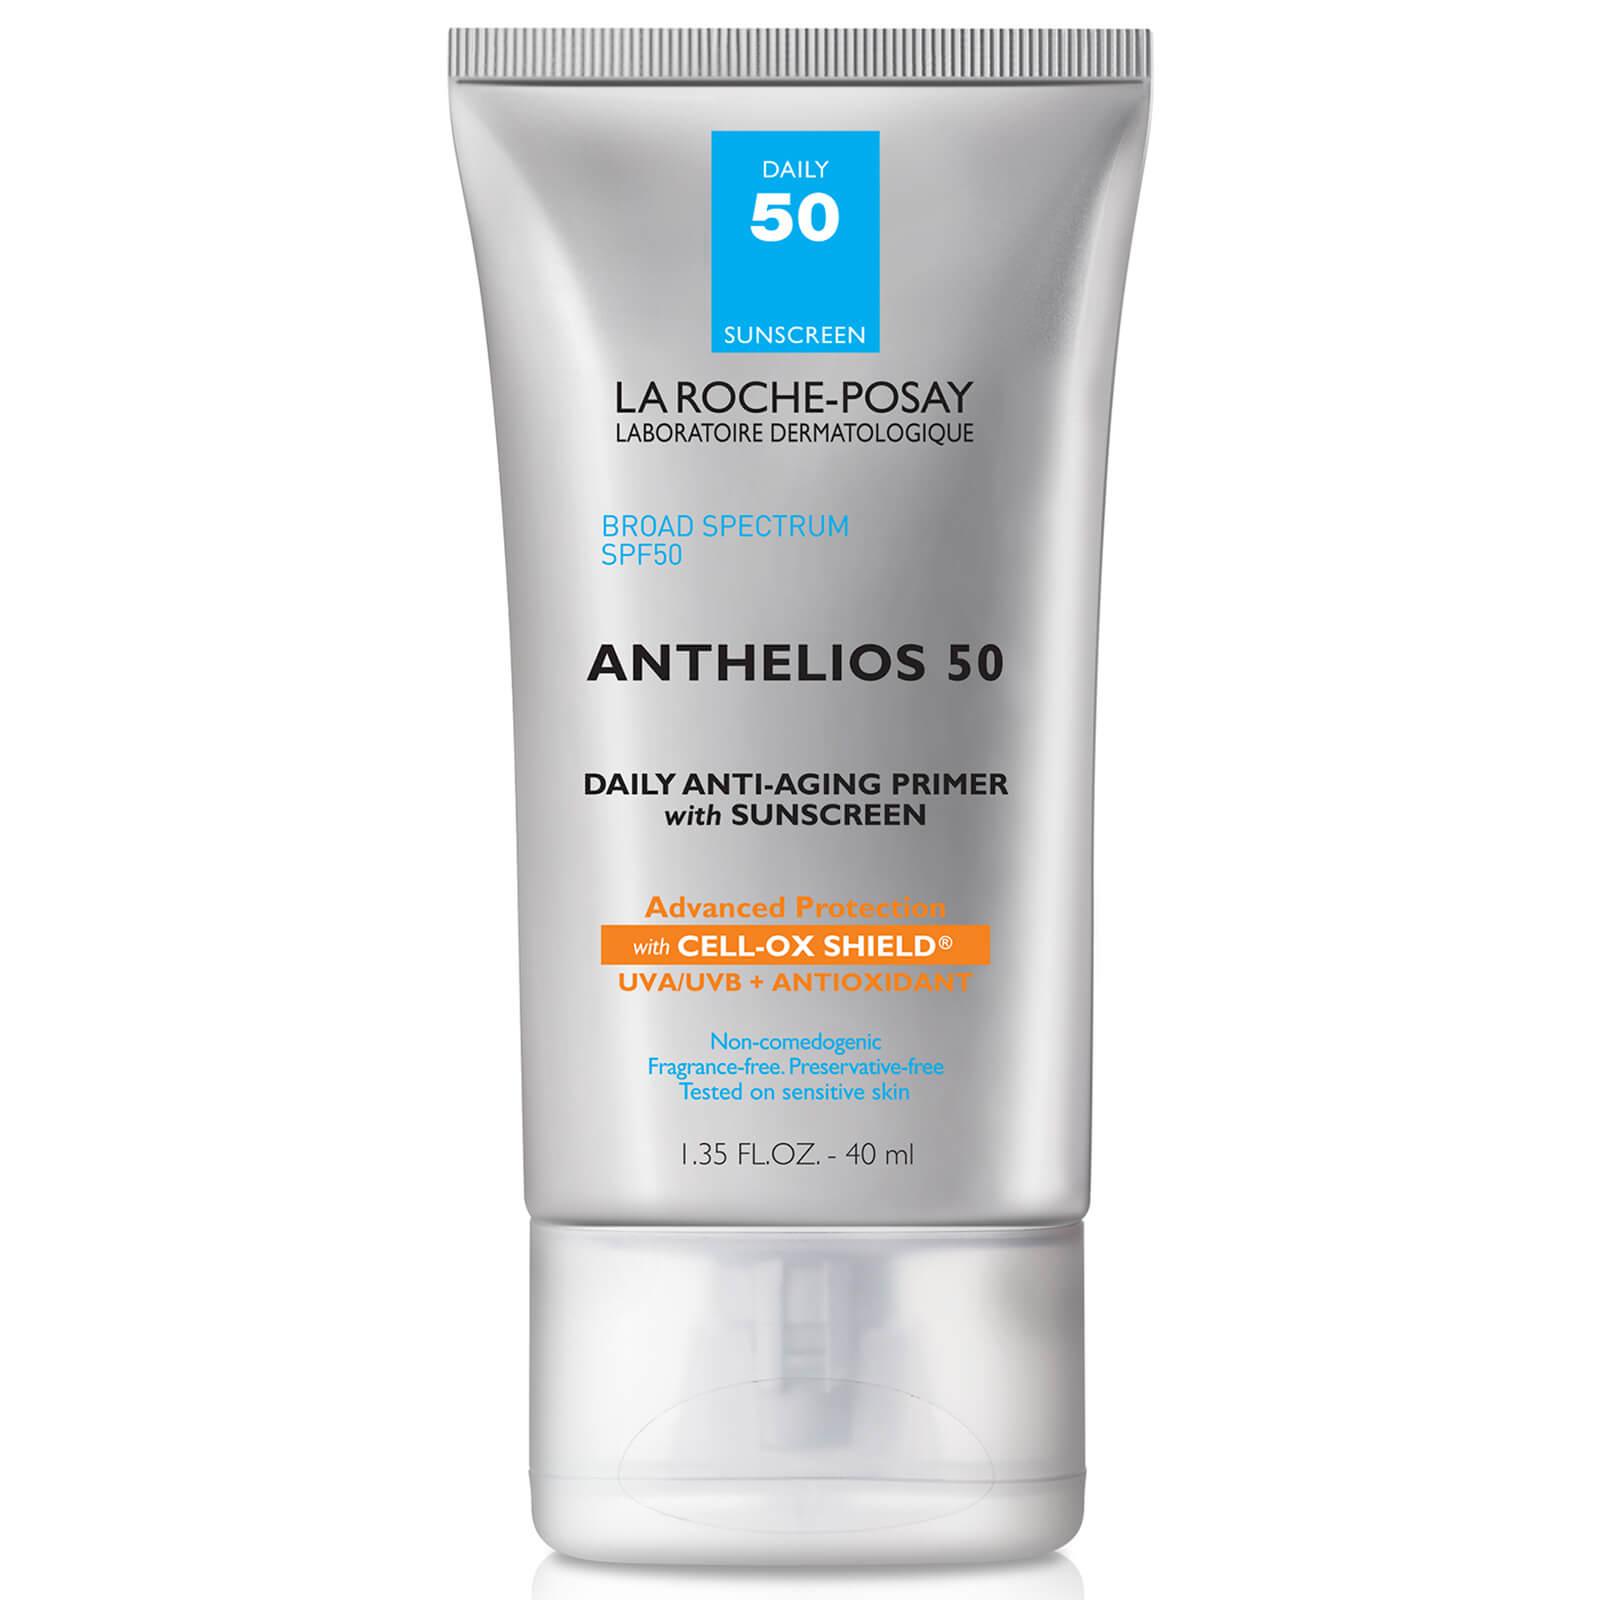 La Roche-Posay Anthelios Anti Aging Face Primer with Sunscreen SPF 50 Cell Ox Shield - Este producto promete combatir los signos de la edad mientras protege tu rostro del sol y lo prepara para recibir el maquillaje. (Suministrada)